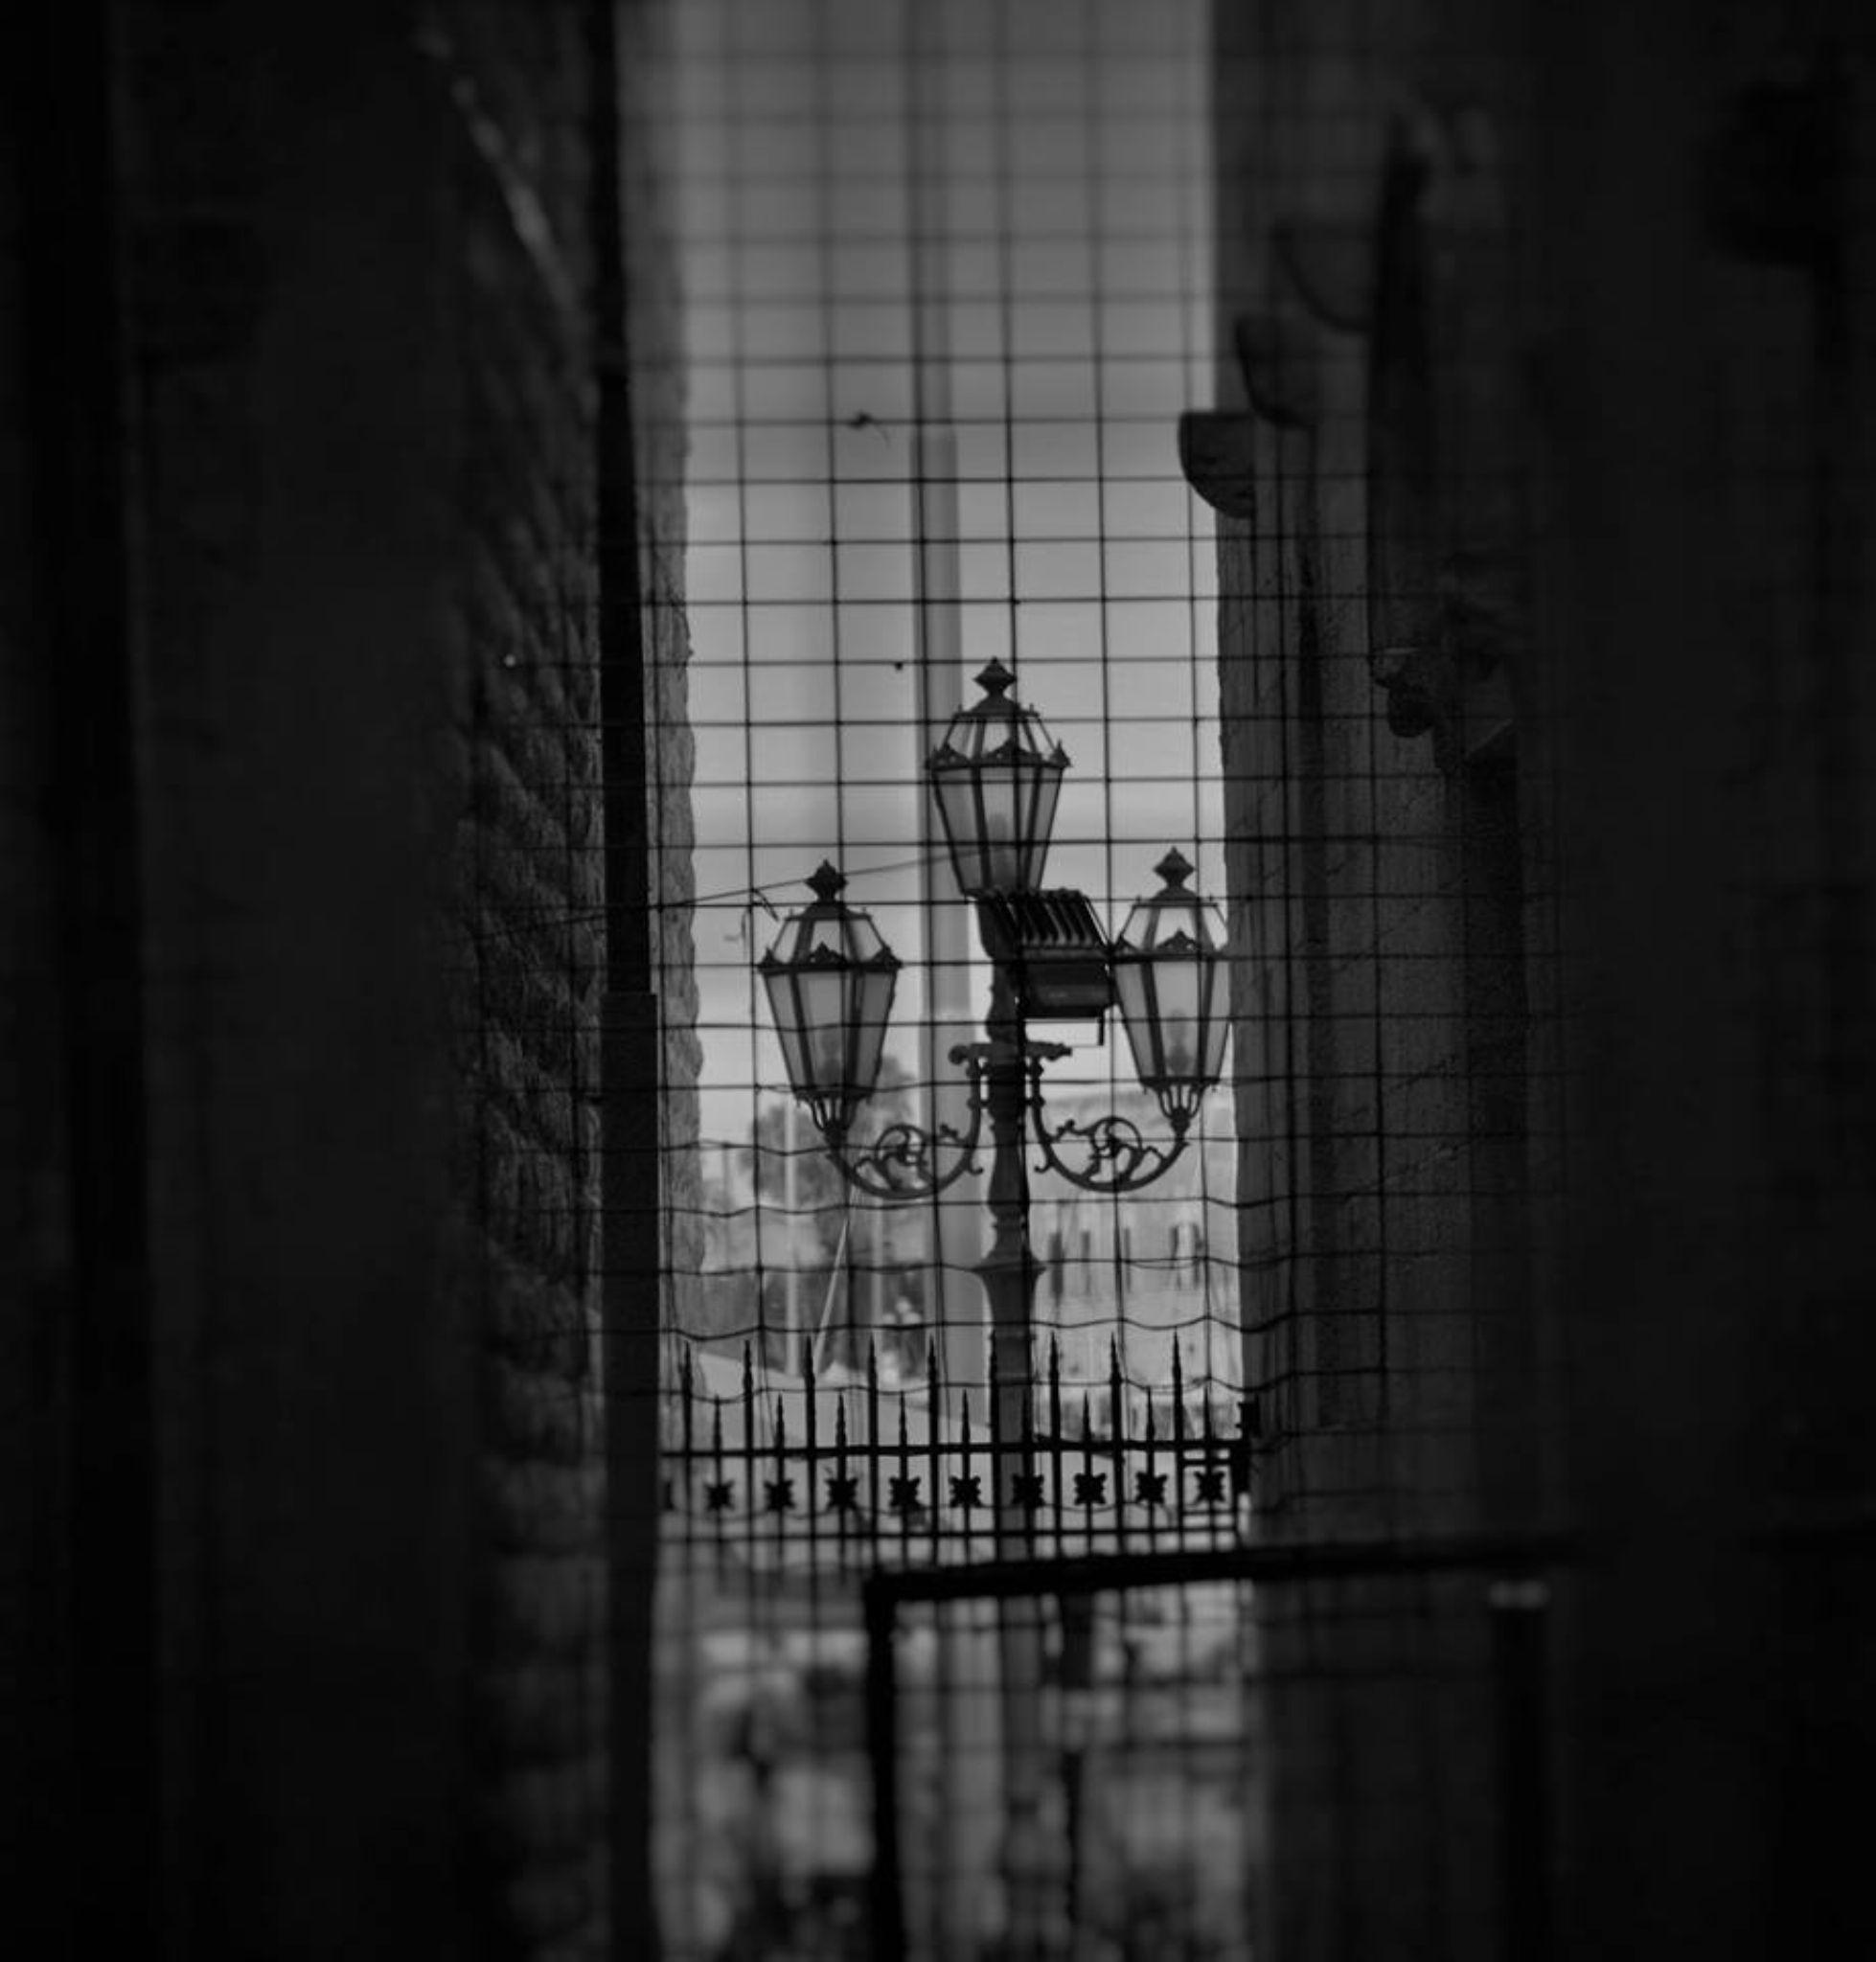 Untitled by vivi shots